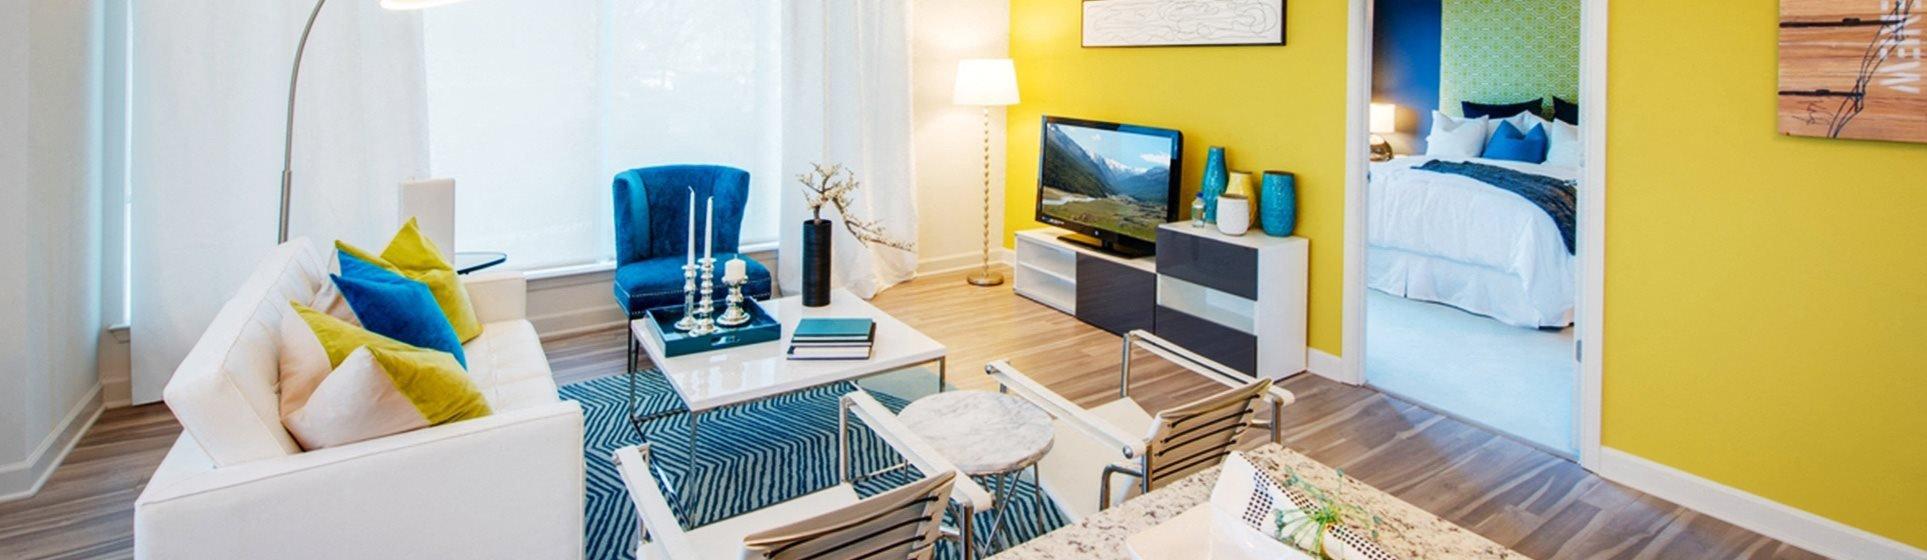 luxury apartments in McLean VA